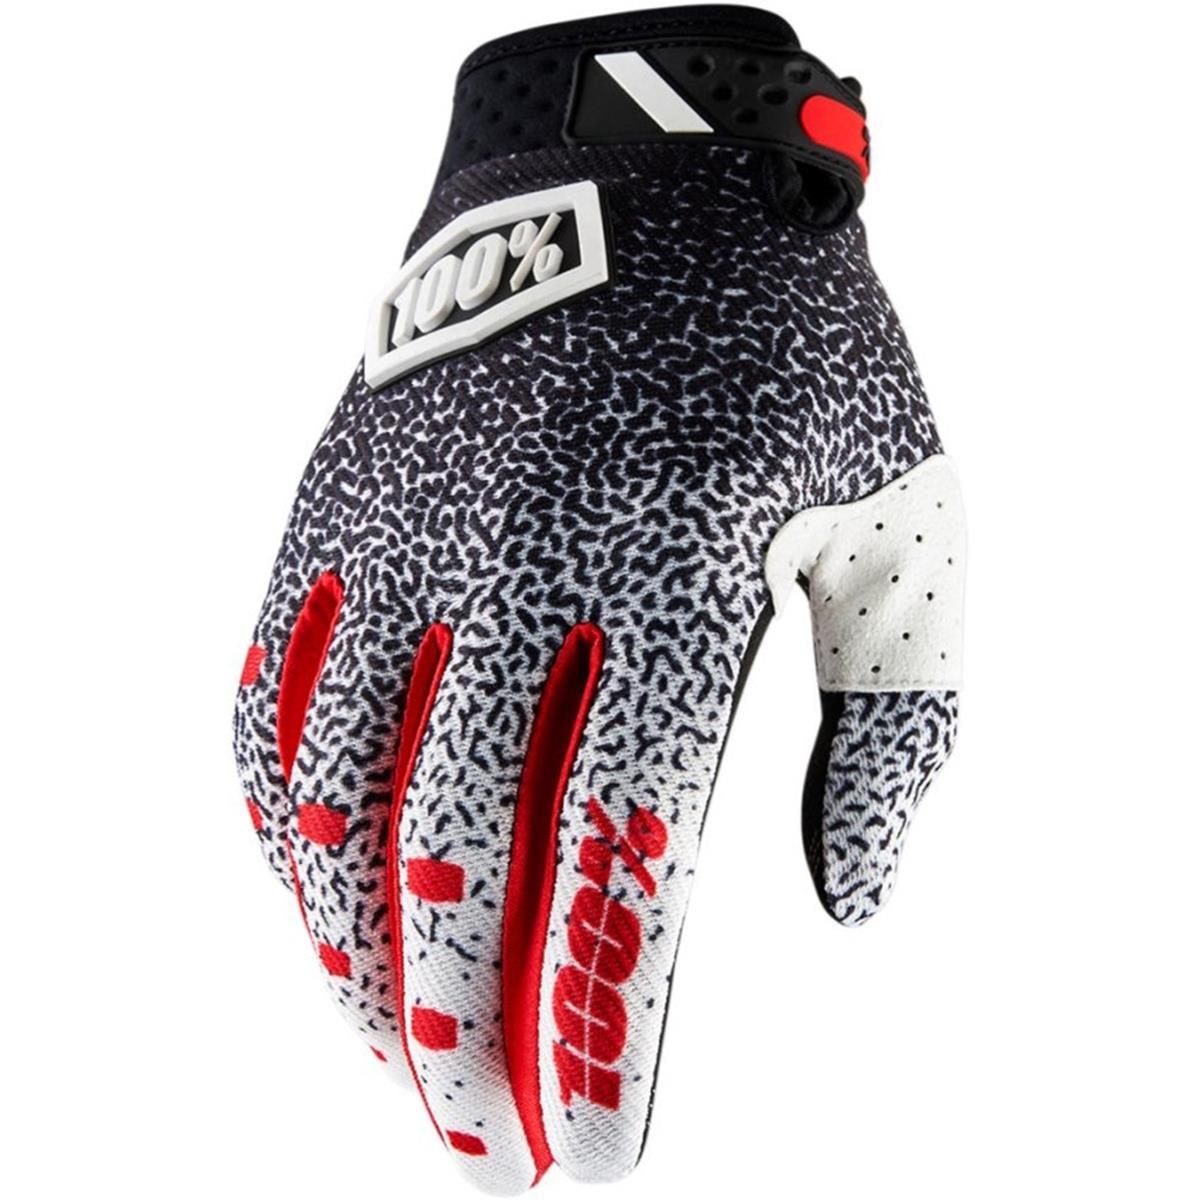 100% Bike-Handschuhe Ridefit Weiß/Schwarz